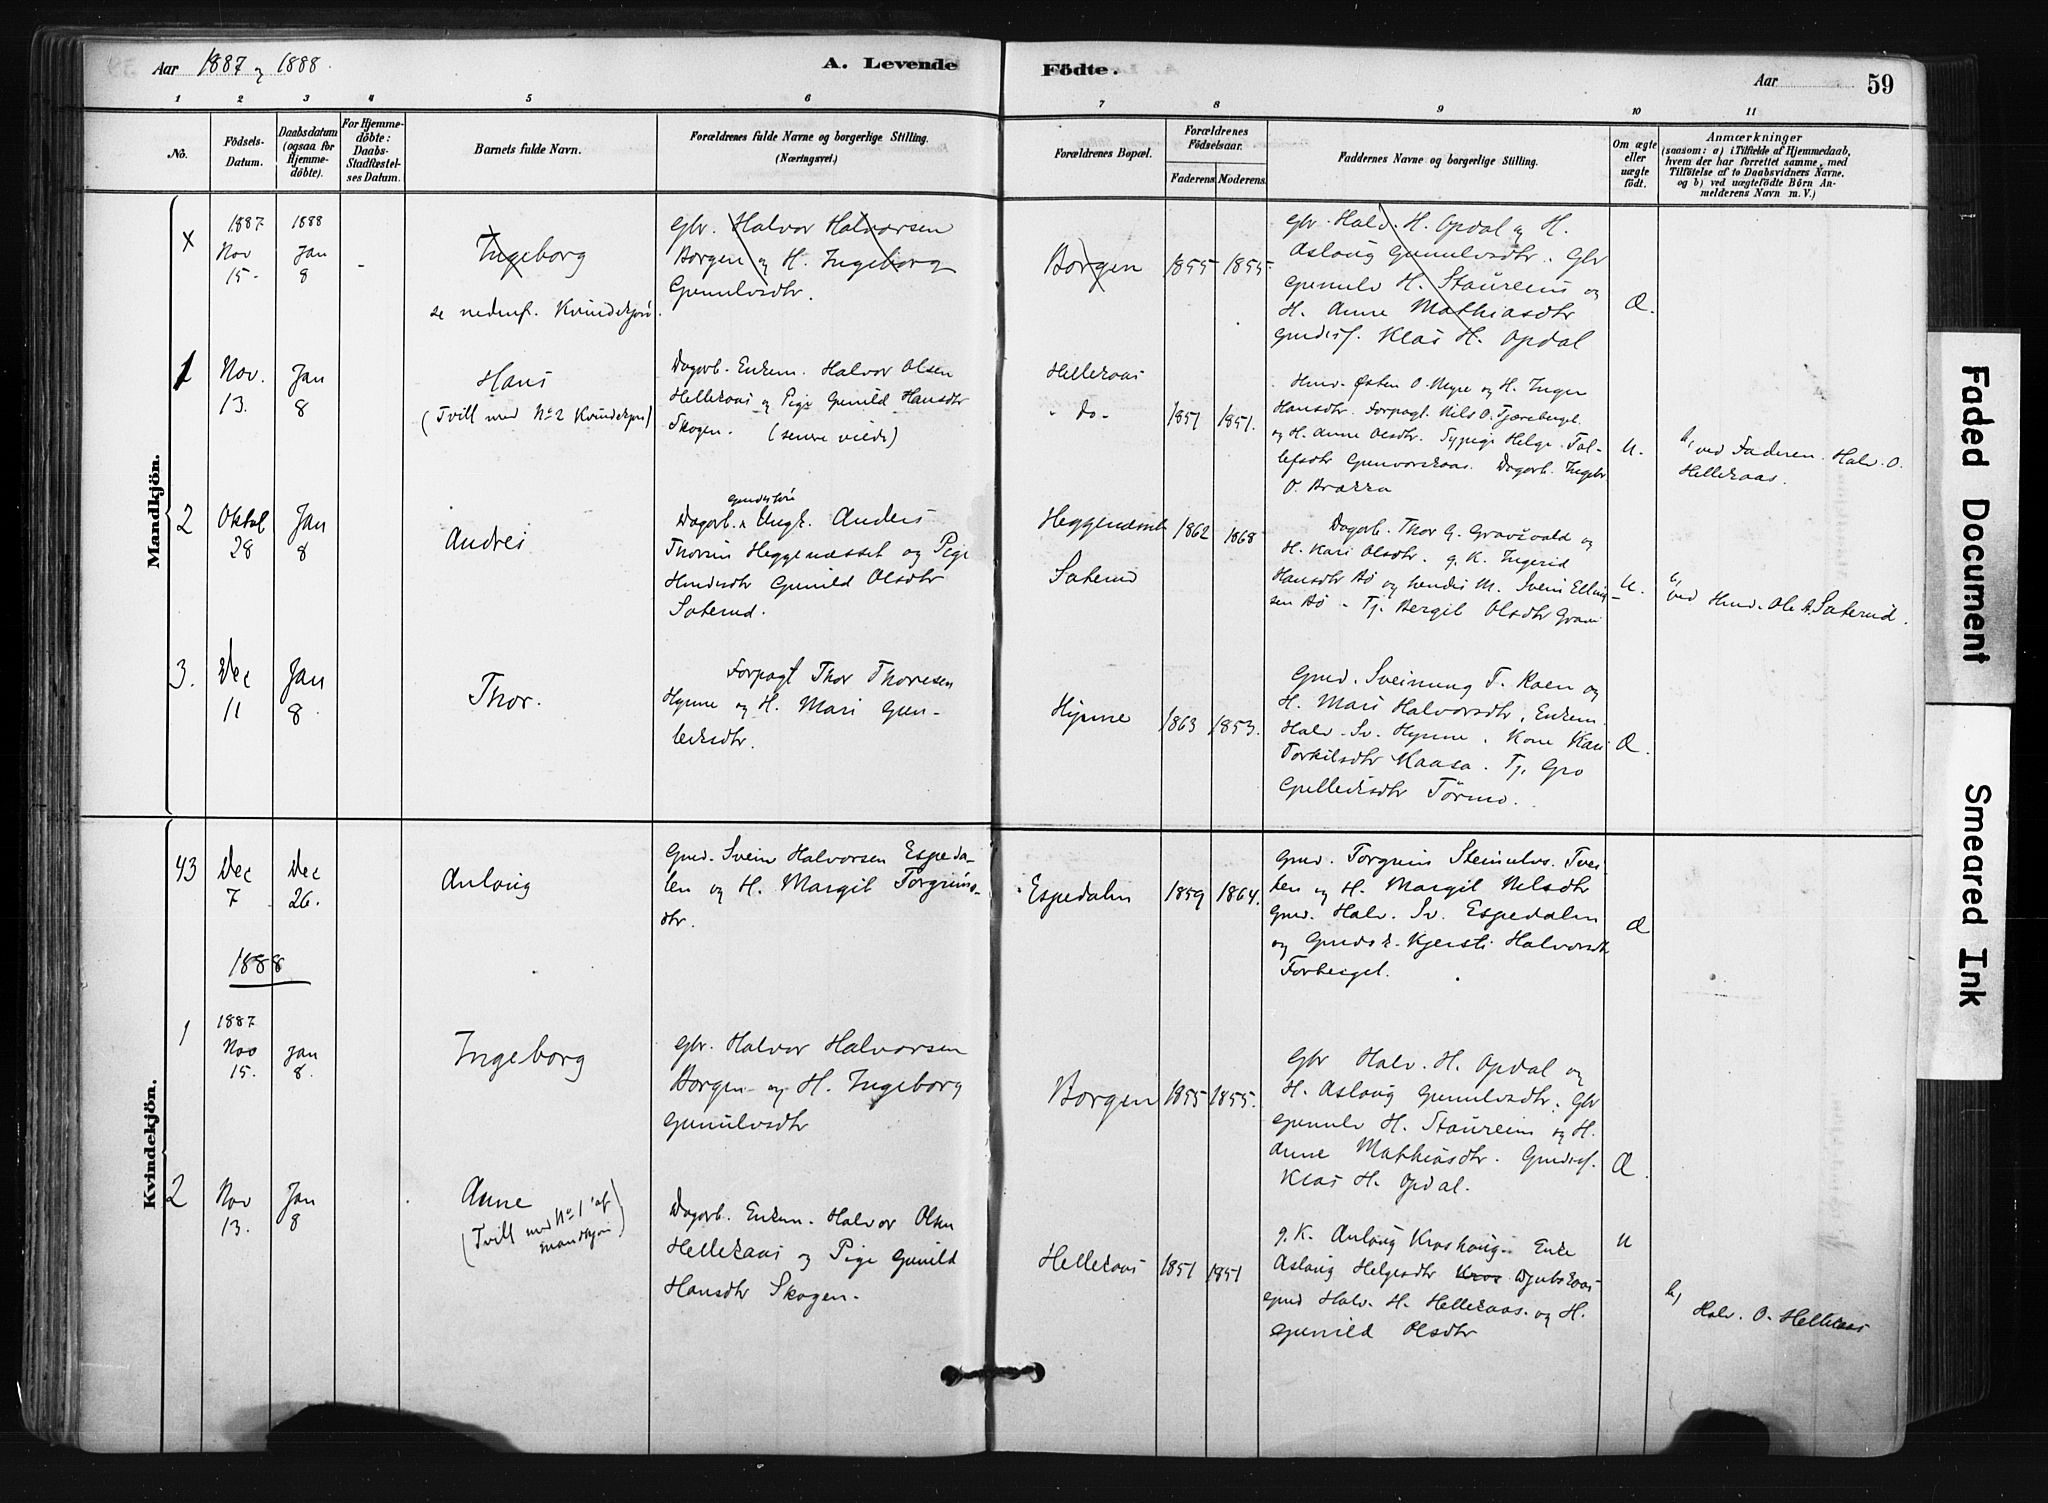 SAKO, Bø kirkebøker, F/Fa/L0010: Ministerialbok nr. 10, 1880-1892, s. 59